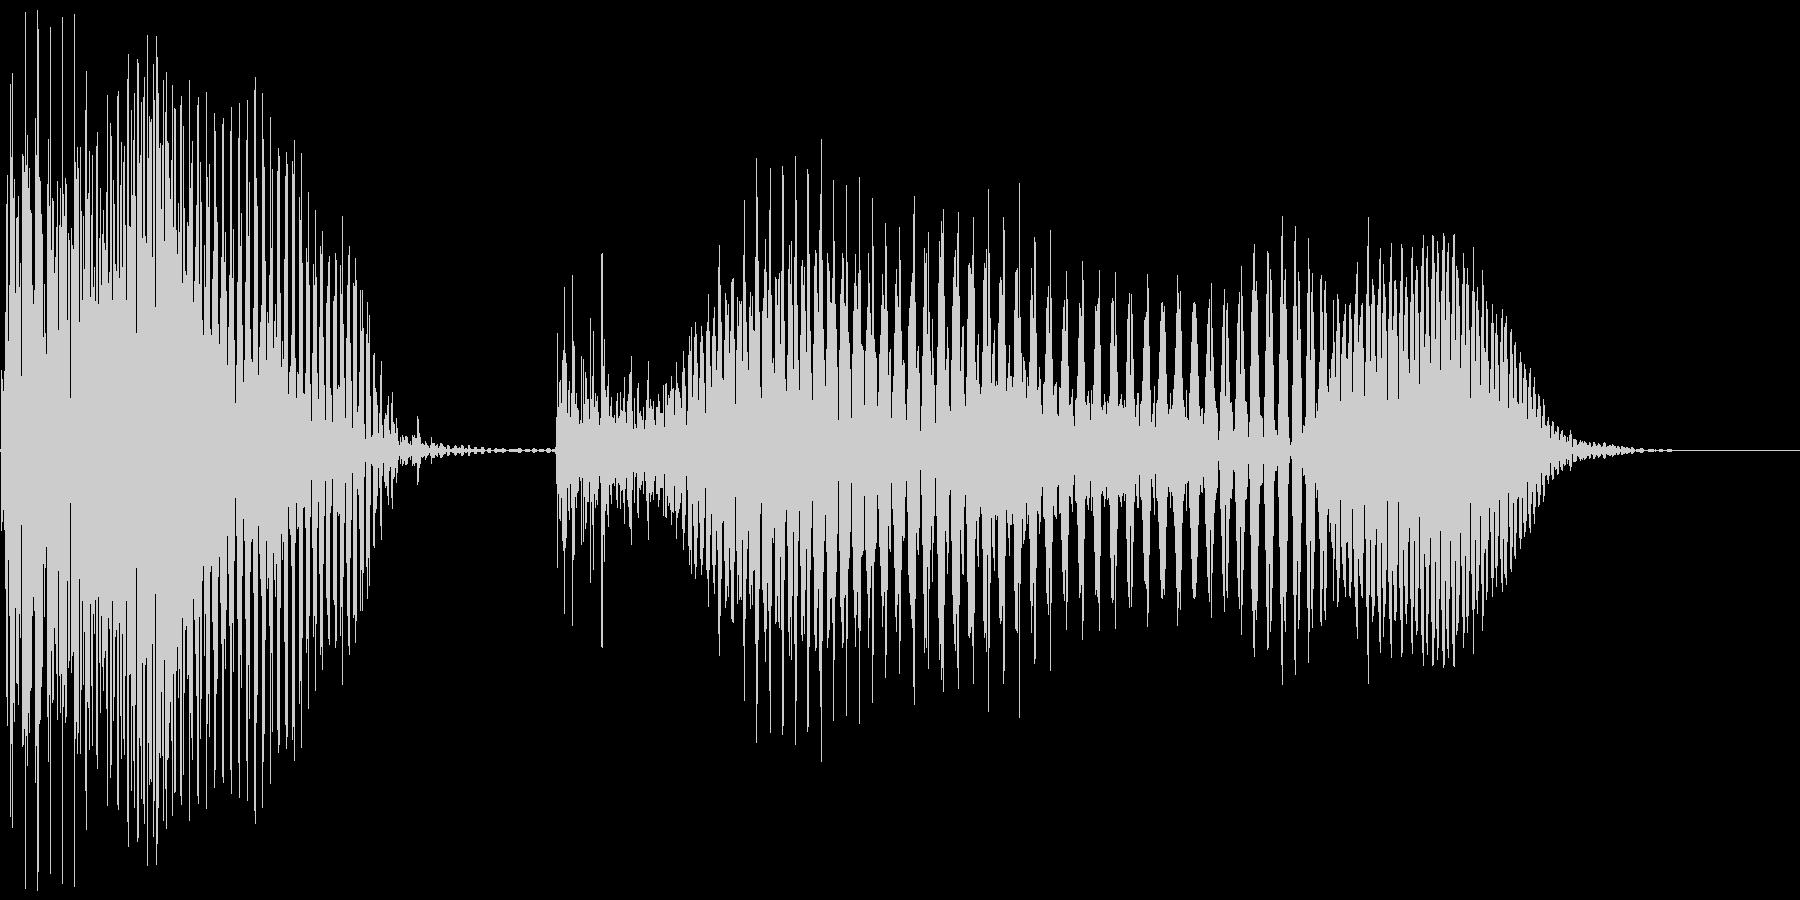 アメリカ人女声 OK!(オーケー!) の未再生の波形